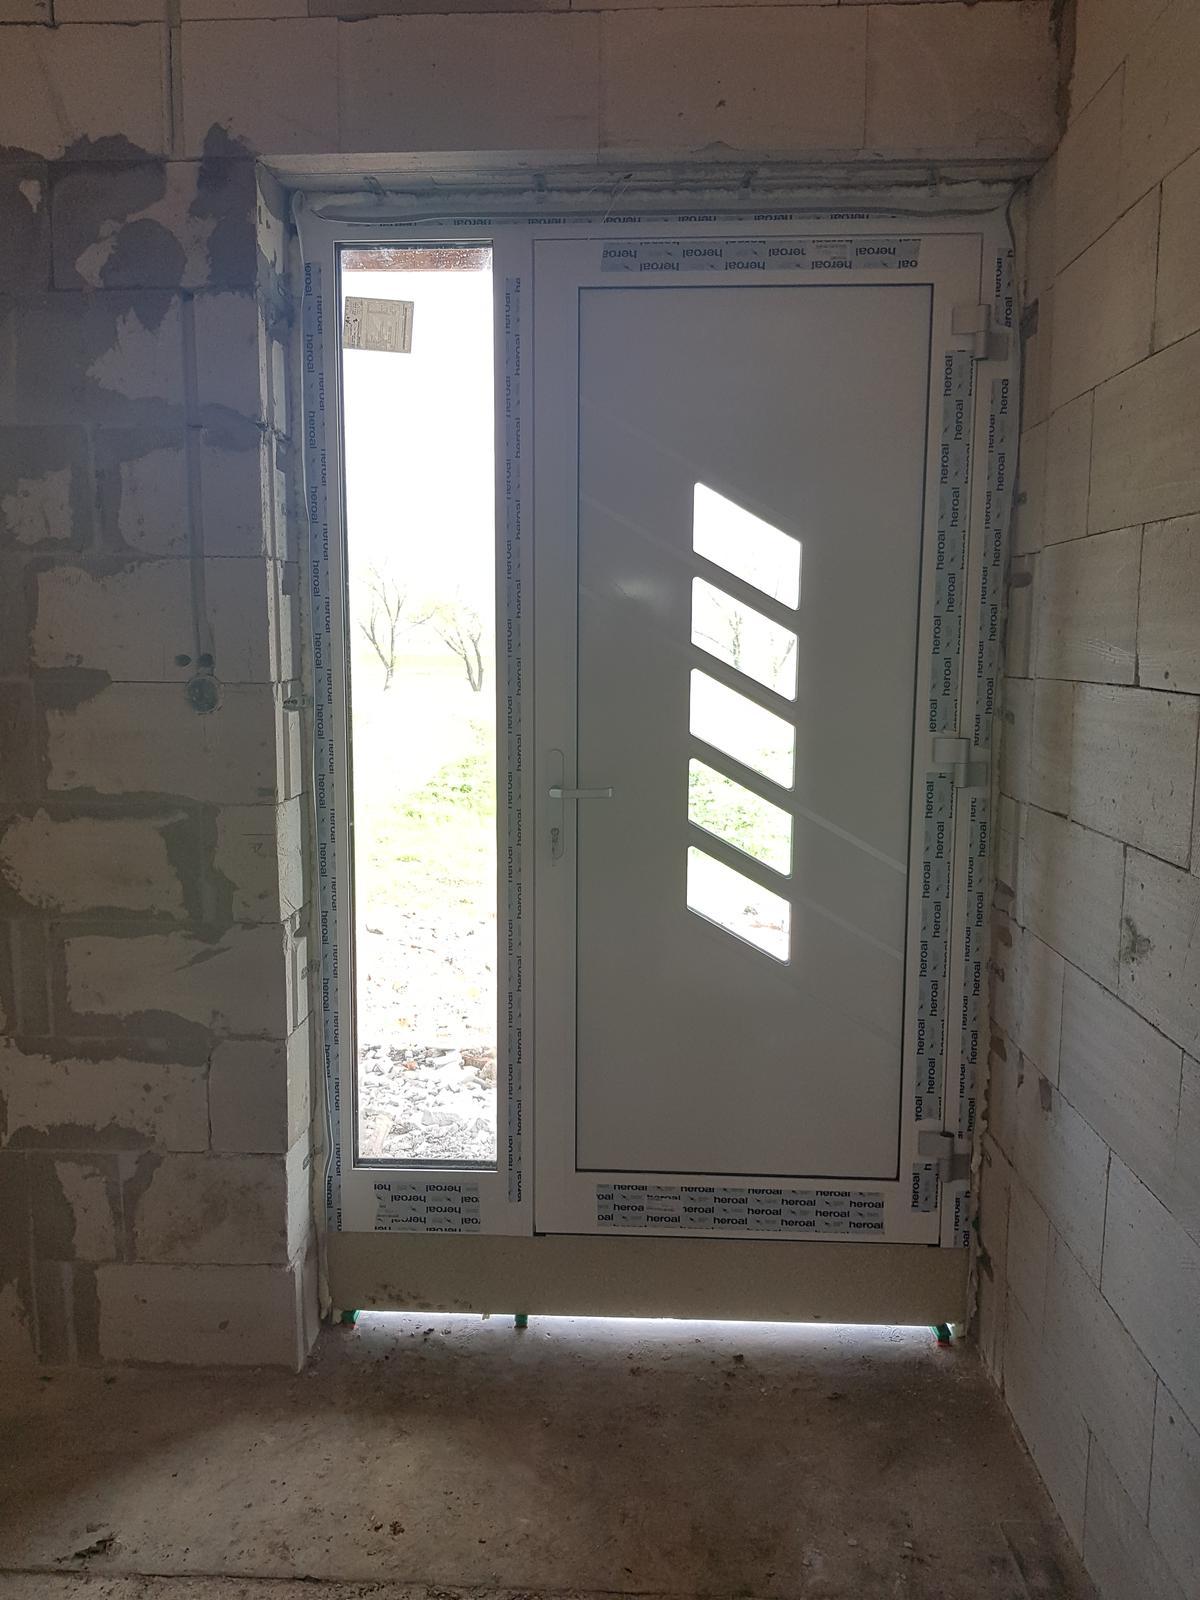 Zaciname stavat nas sen - hlinikove vchodove dvere od Slovaktual